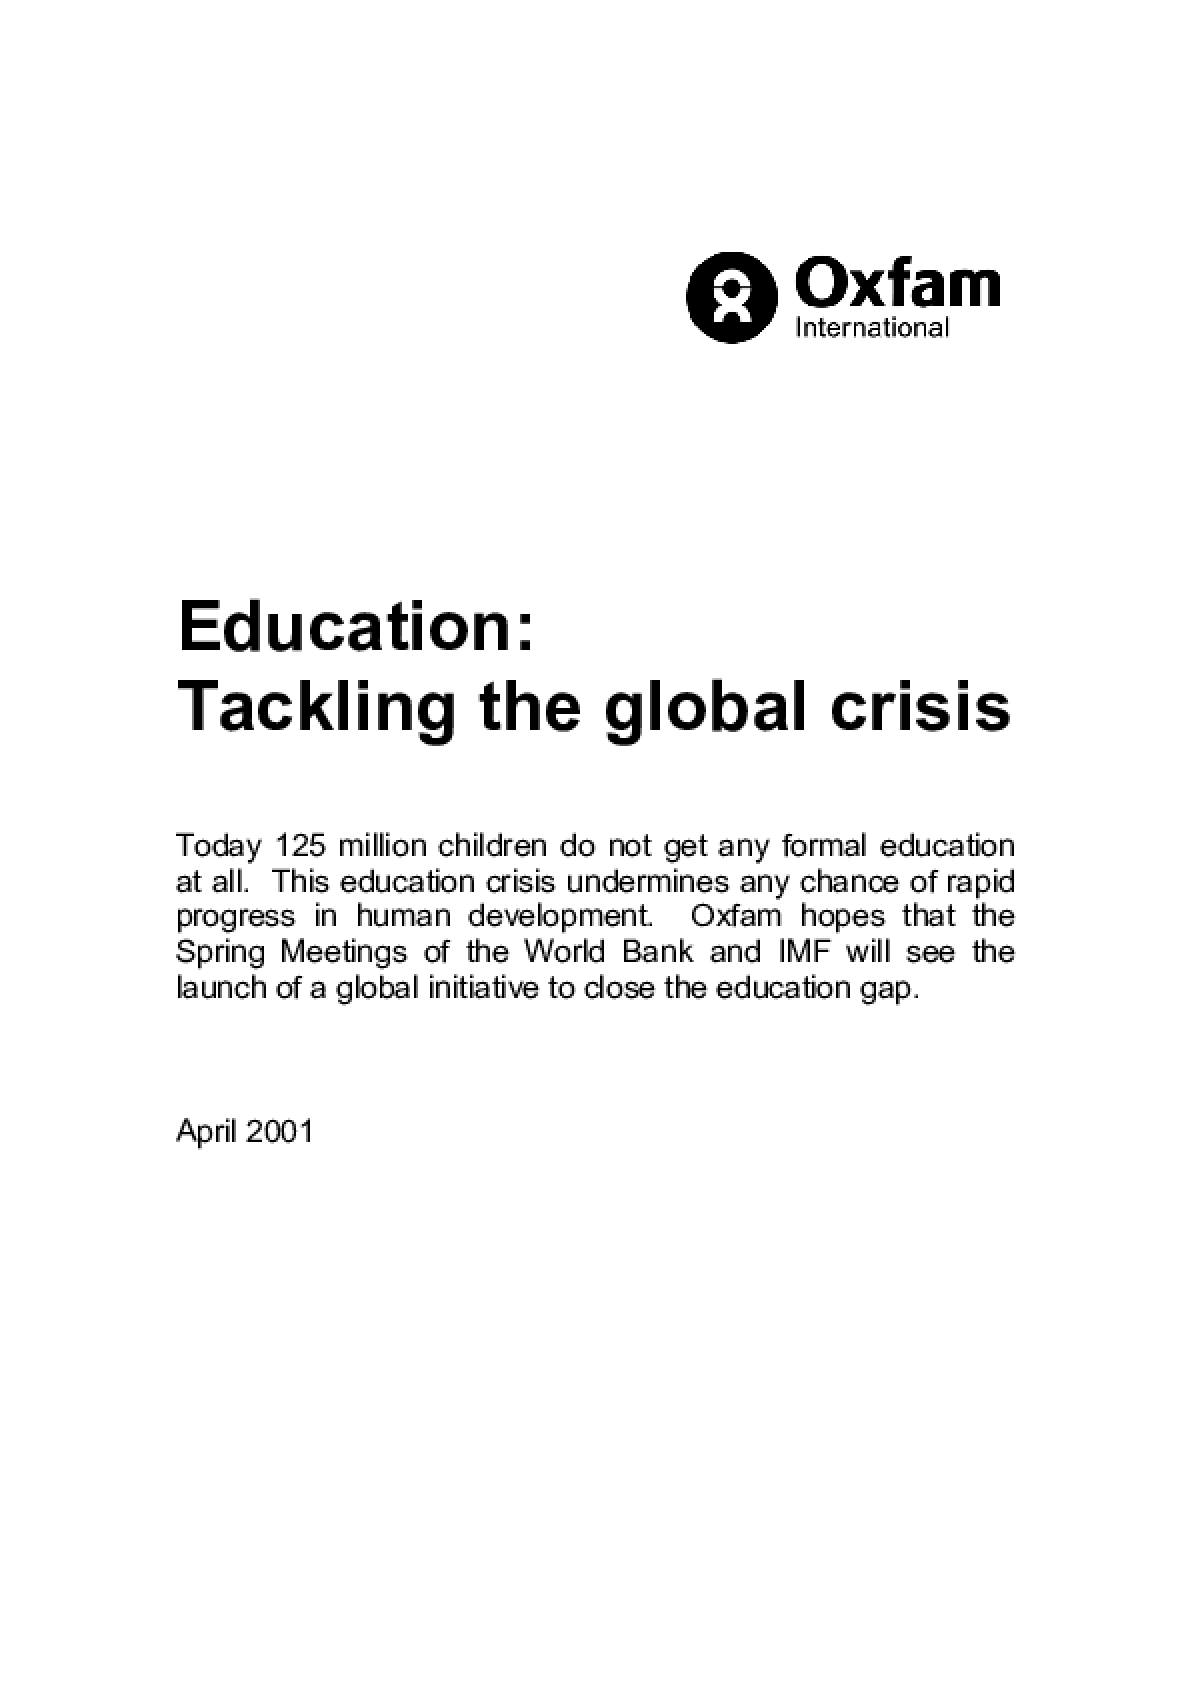 Education: Tackling the global crisis